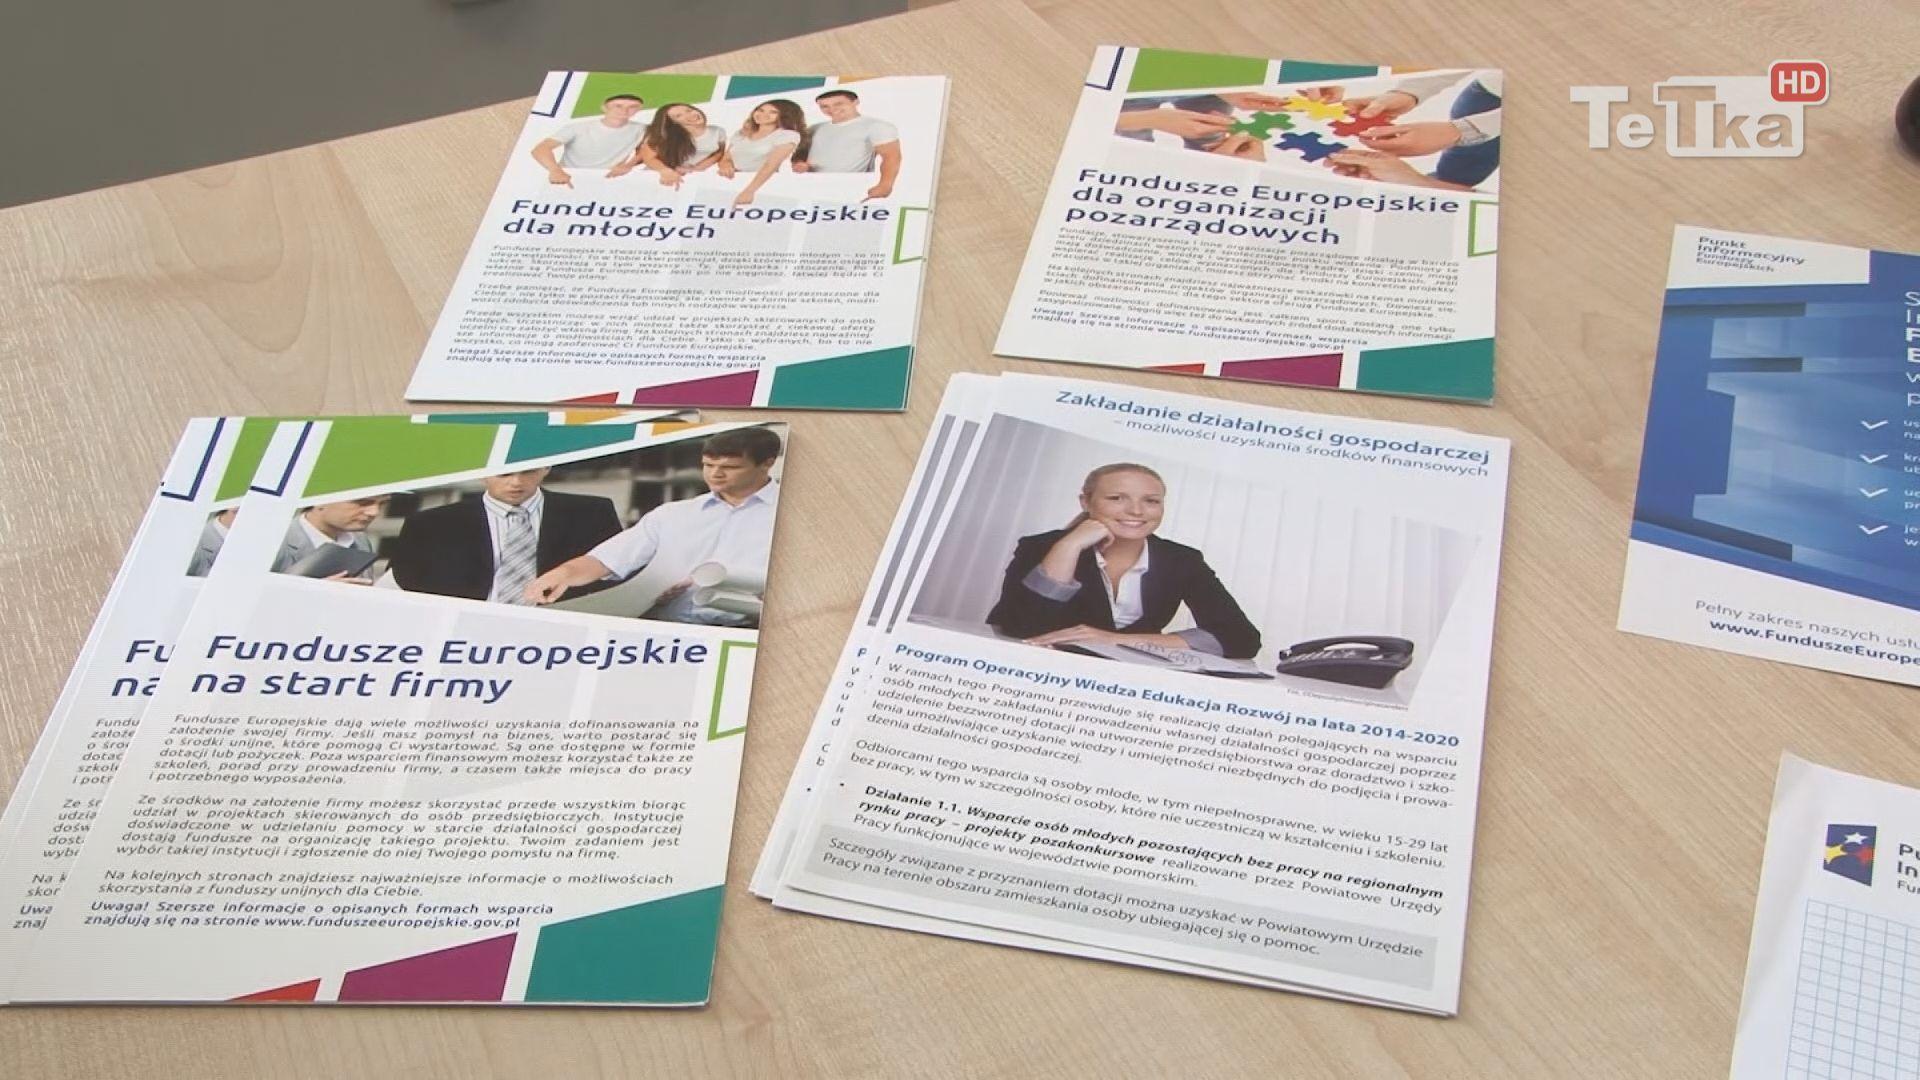 ze unijnych środków mogą skorzystać początkujący przedsiębiorcy